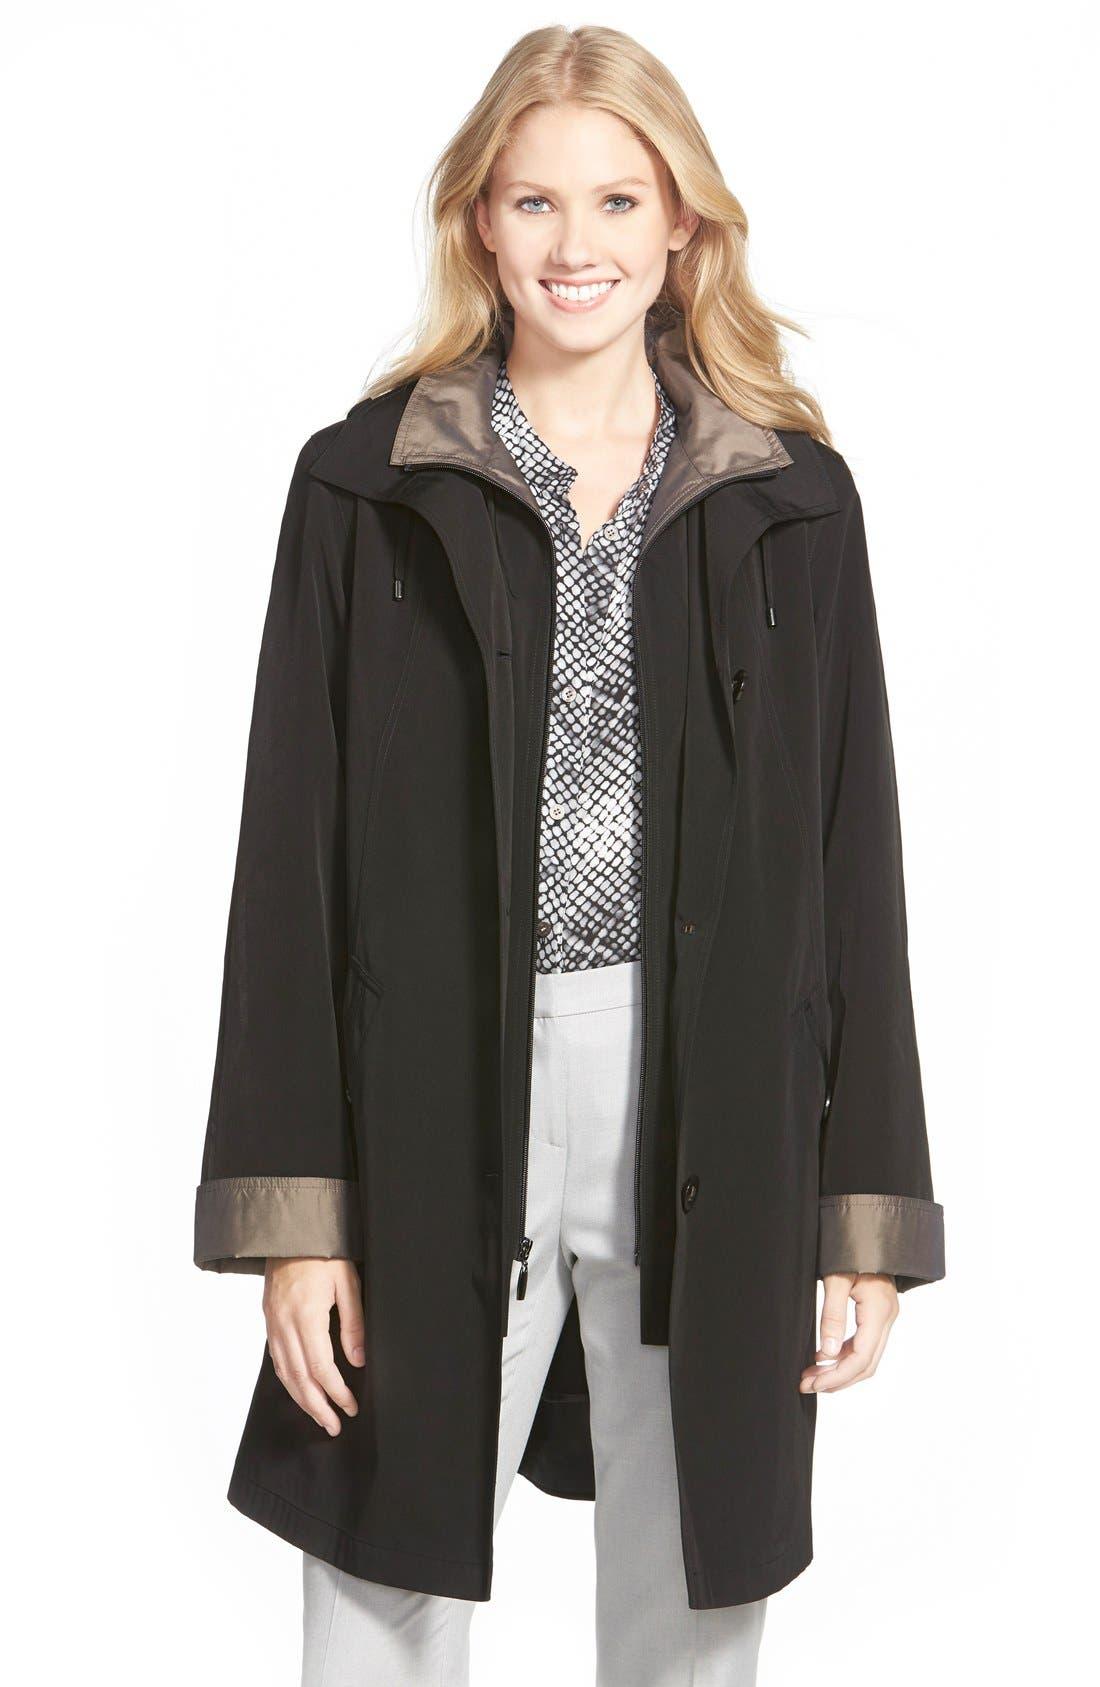 Alternate Image 1 Selected - Gallery Two Tone Long Silk Look Raincoat (Regular & Petite)